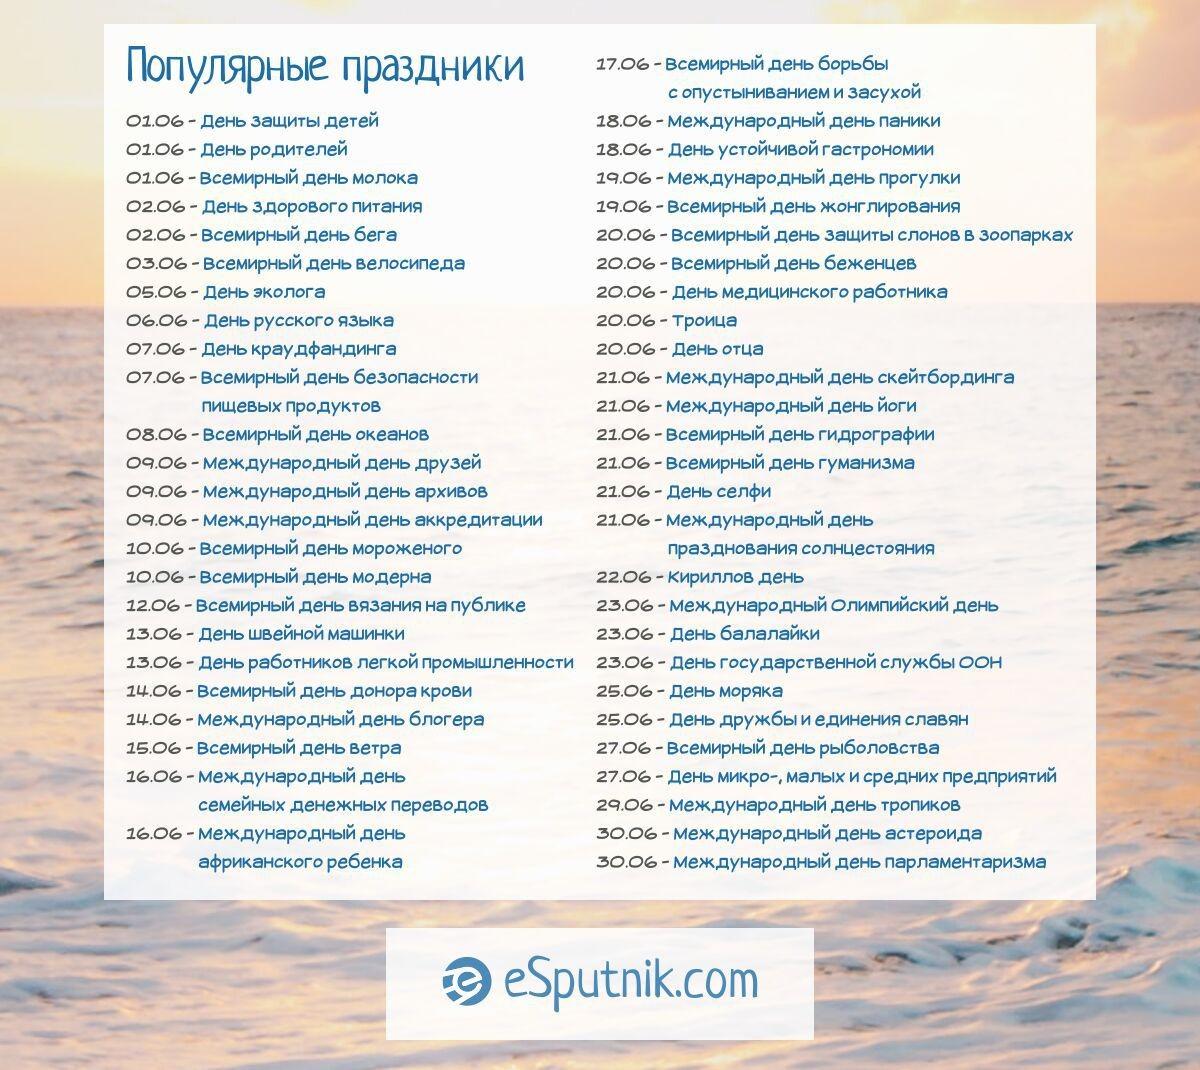 Популярные праздники июня 2021